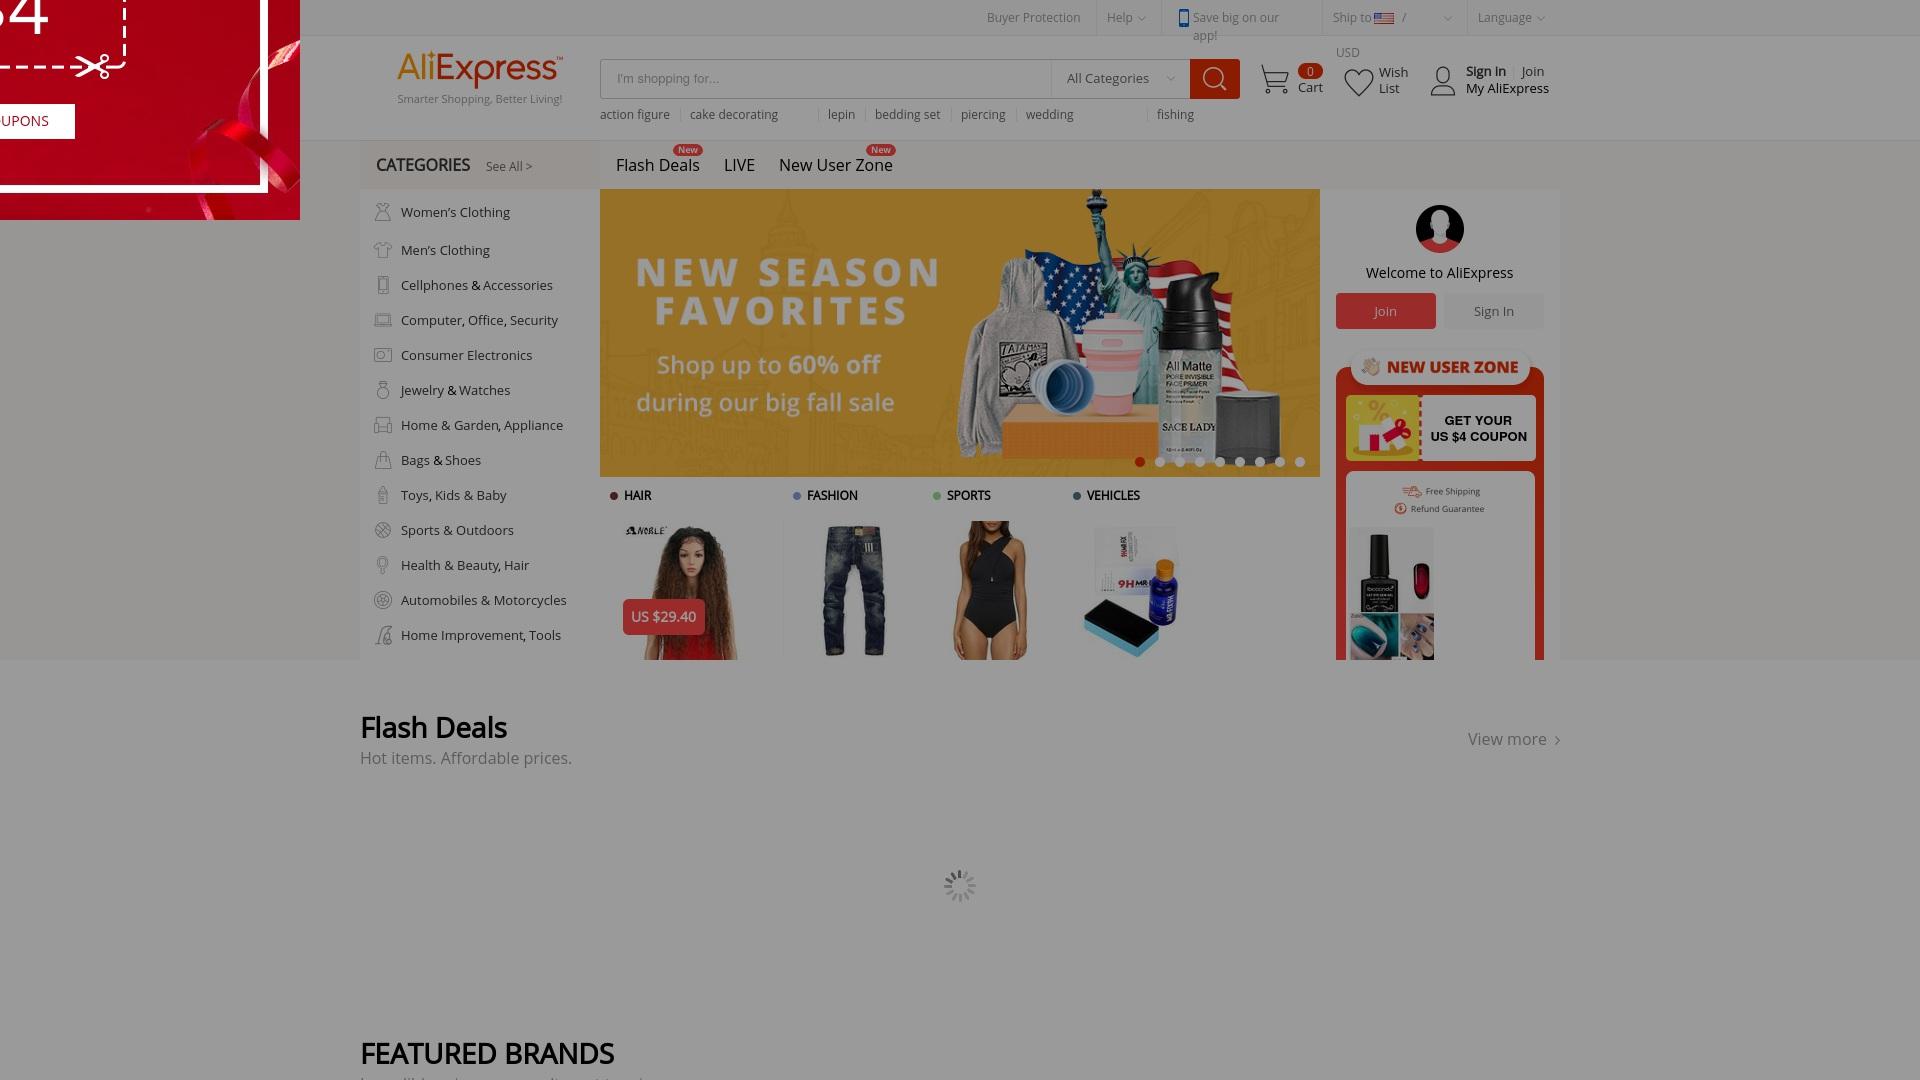 Geld zurück bei Aliexpress: Jetzt im Mai 2021 Cashback für Aliexpress sichern